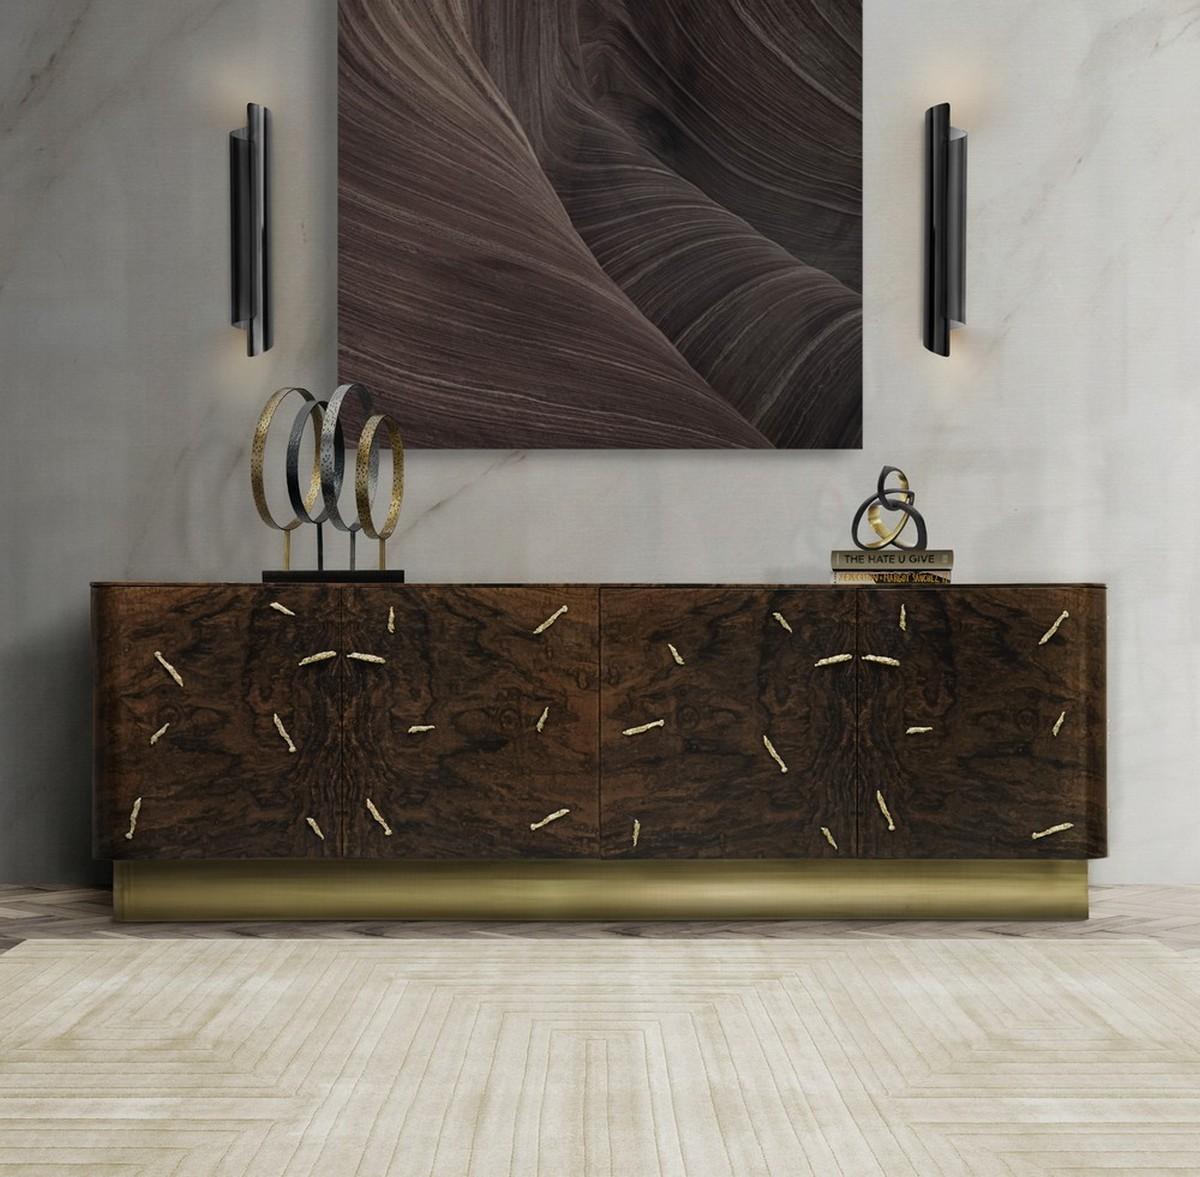 Aparadores Modernos: Ideas para cambiar un Diseño de Interiores lujuoso aparadores modernos Aparadores Modernos: Ideas para cambiar un Diseño de Interiores lujuoso baraka sideboard cyrus wall